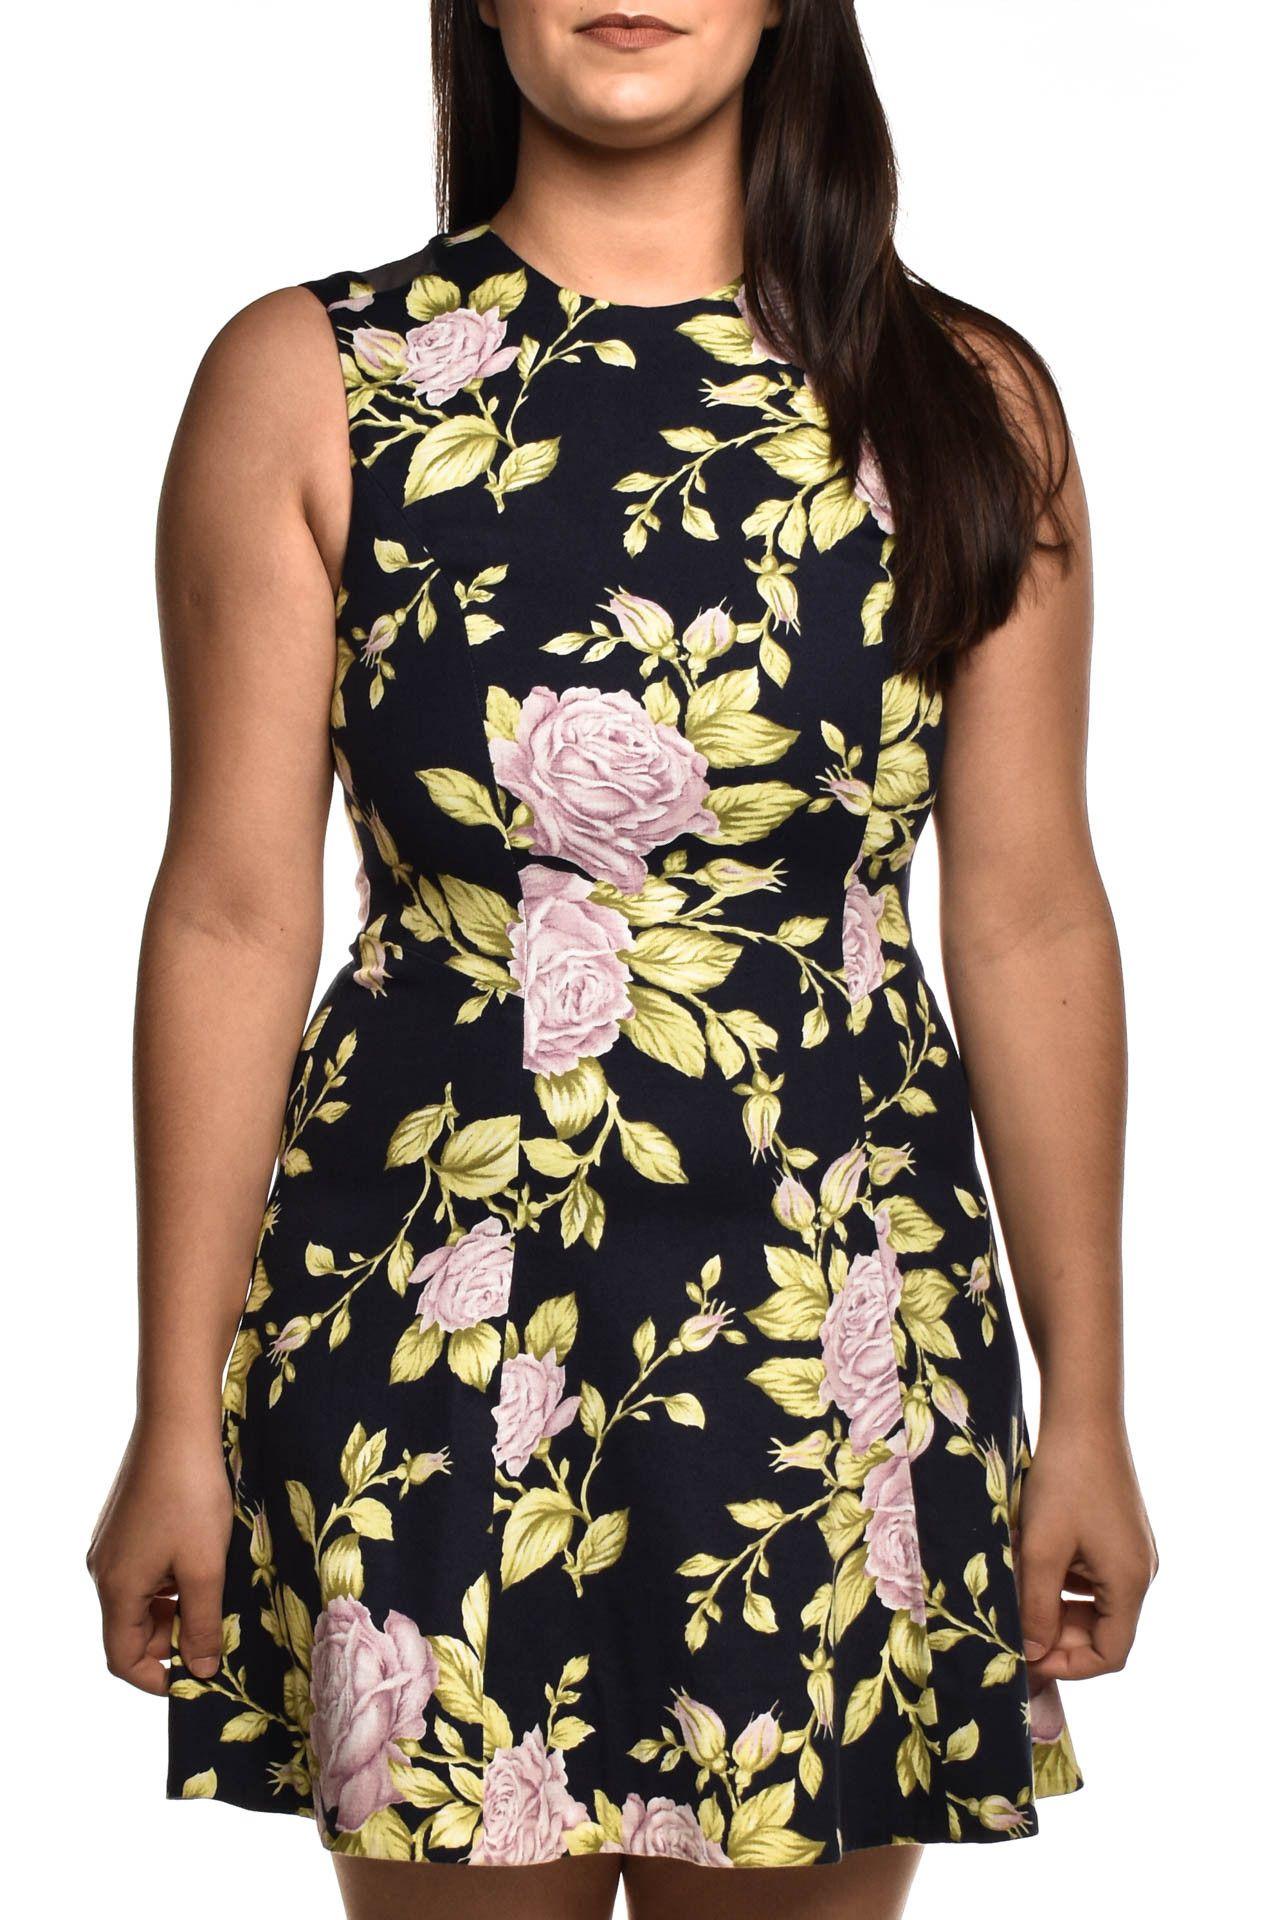 Rag & Bone - Vestido Estampa Floral - Foto 2